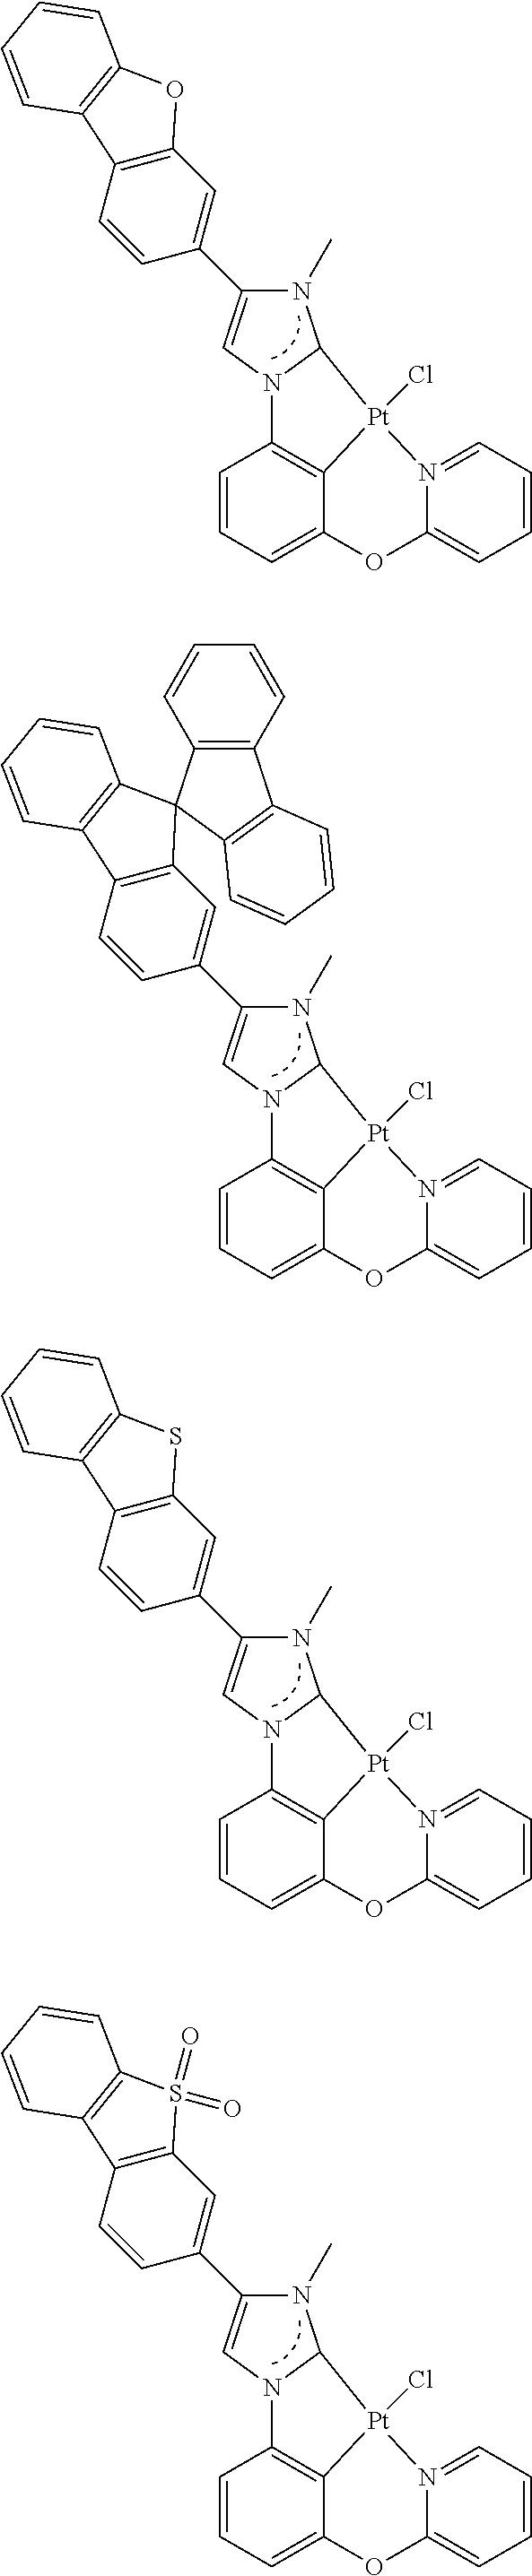 Figure US09818959-20171114-C00136